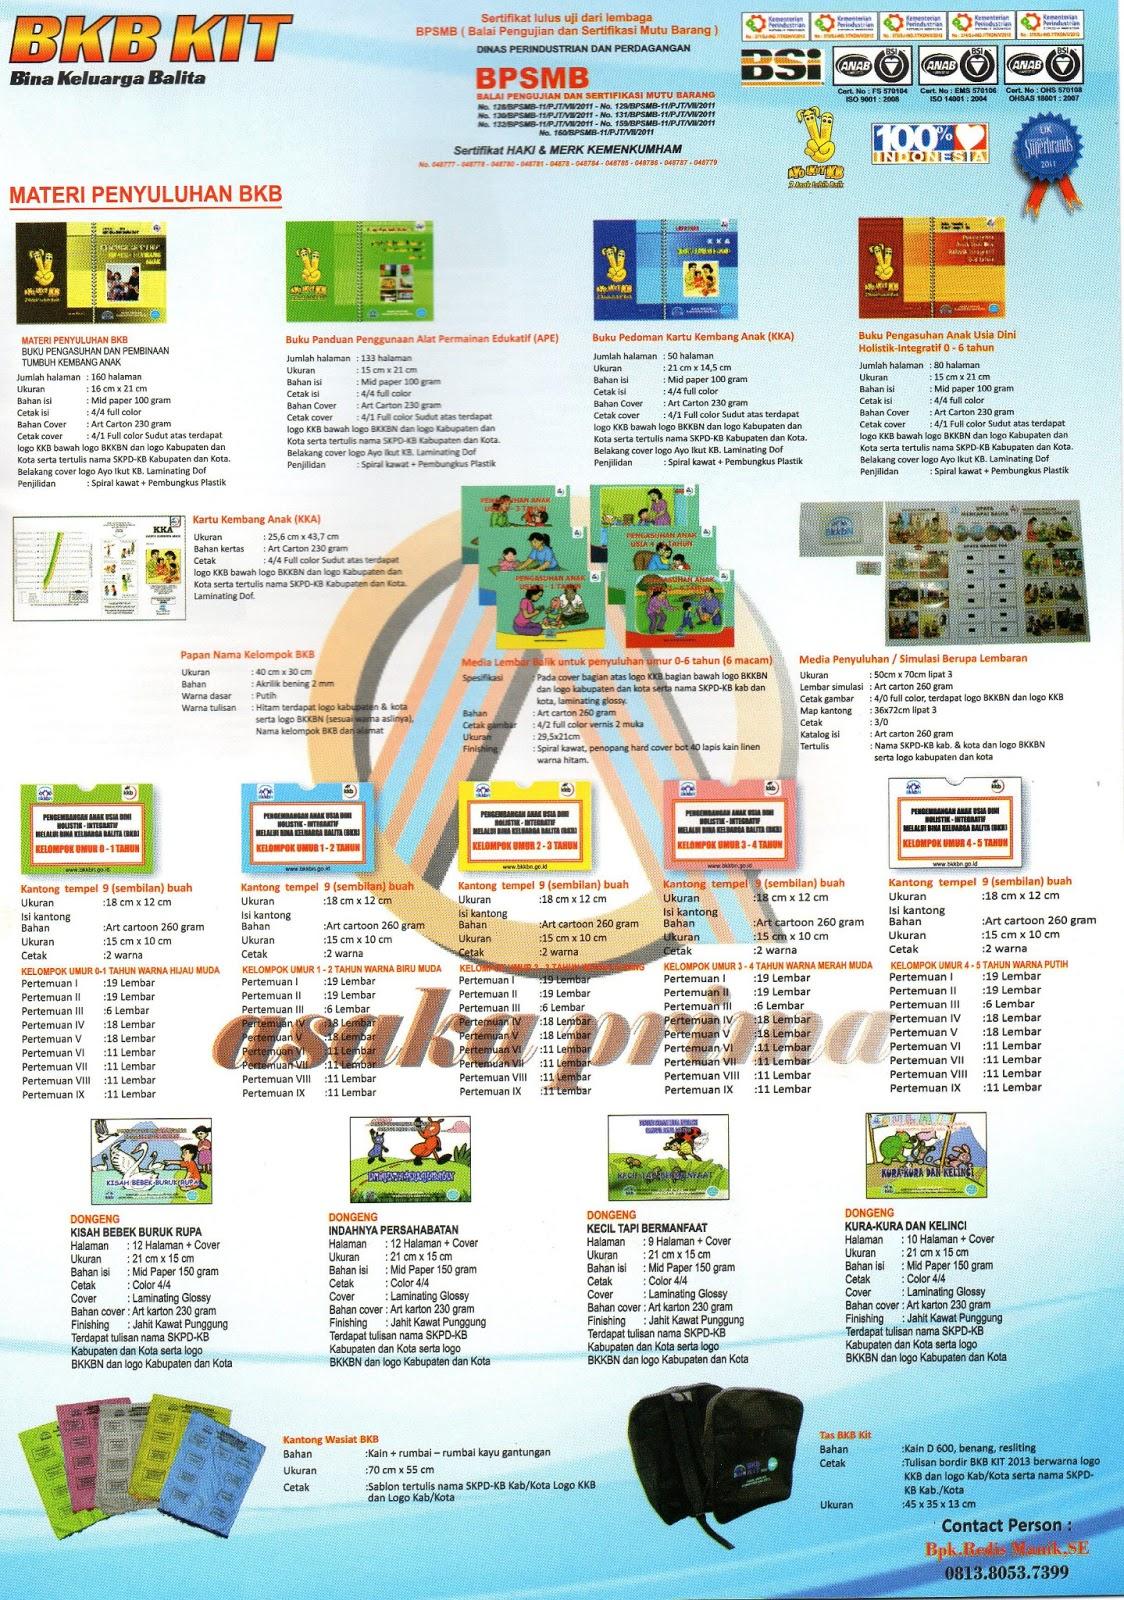 www.bkbkit.com,bkbkit,bkb-kit,jual bkb kit,BKB-Kit alat peraga edukatif, bkb kit -ape kit, bkb-ape kit dak bkkbn 2013, bkbkit ape kit dakbkkbn, bkb ape-kit bkkbn2013, bkb kit ape bkkbn, bkb-kit ape kit dakbkkbn, bkb permainan edukatif